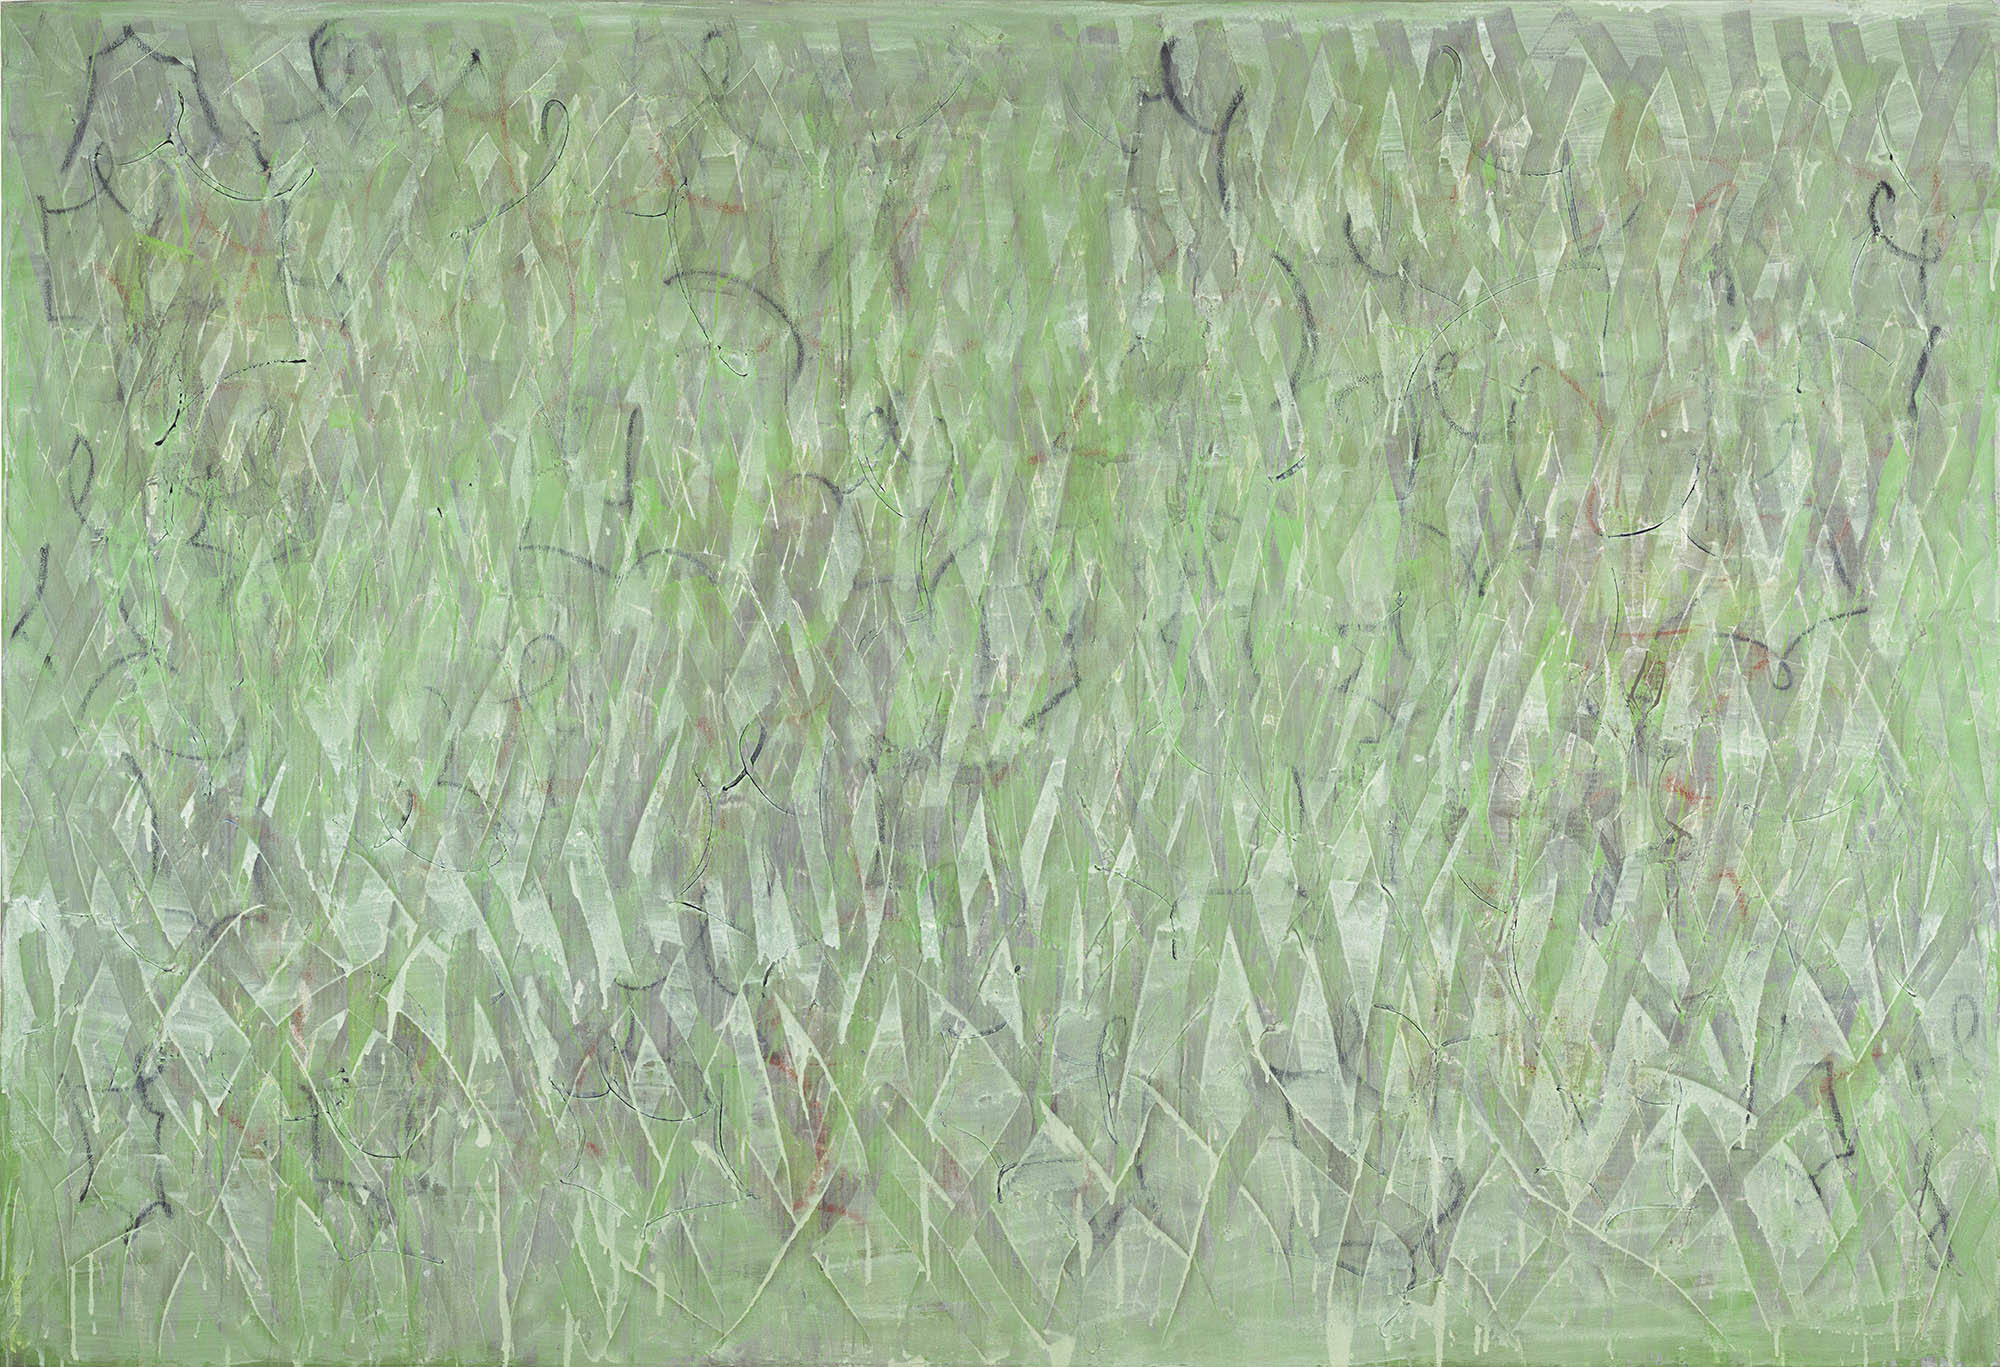 Lynne Gelfman, Burqa, Green, 2001